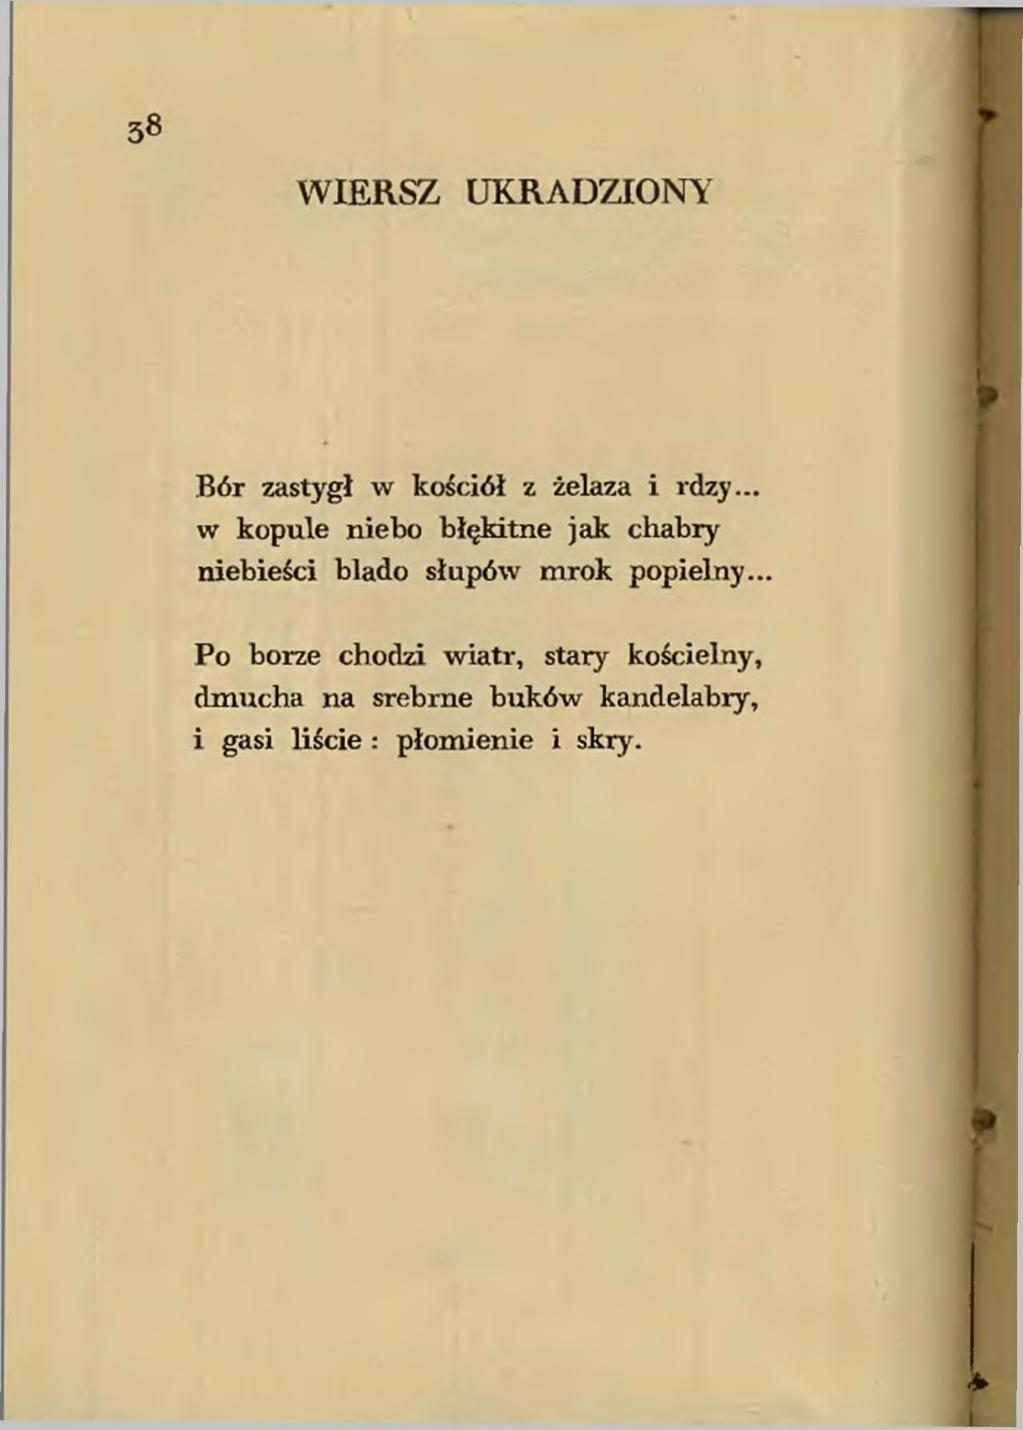 Wiersze by Maria Pawlikowska-Jasnorzewska